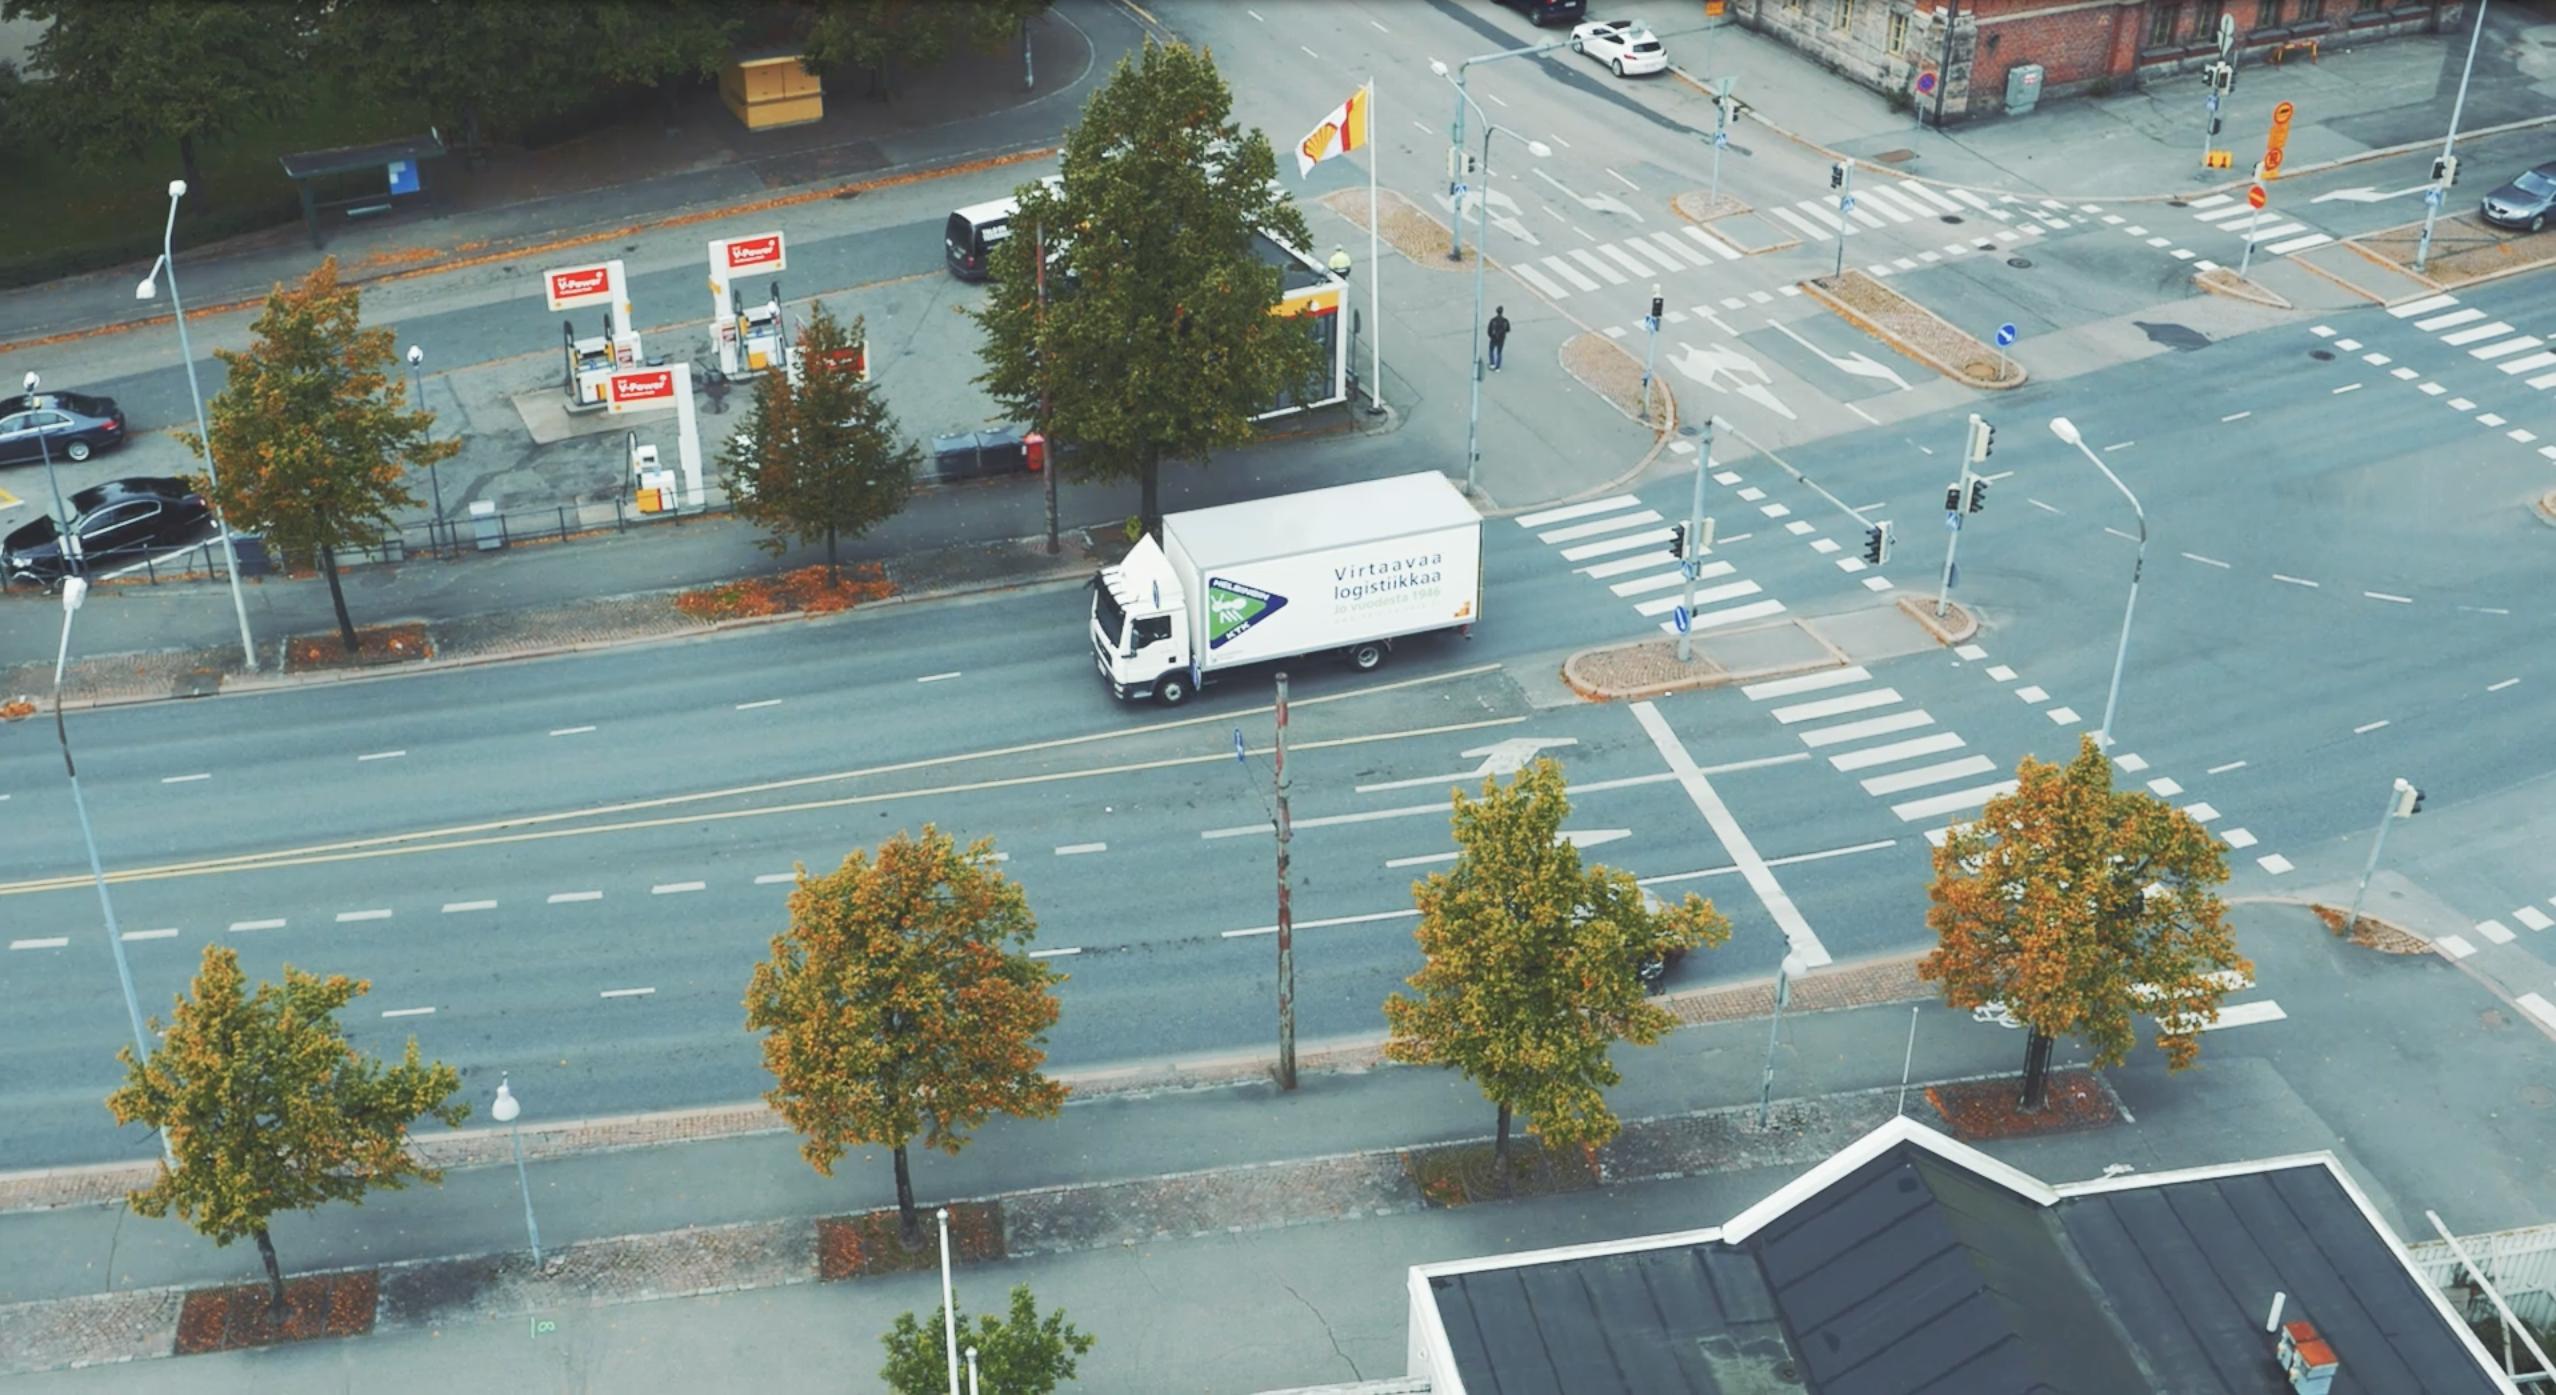 Helsingin KTK:n rekka liikenteessä